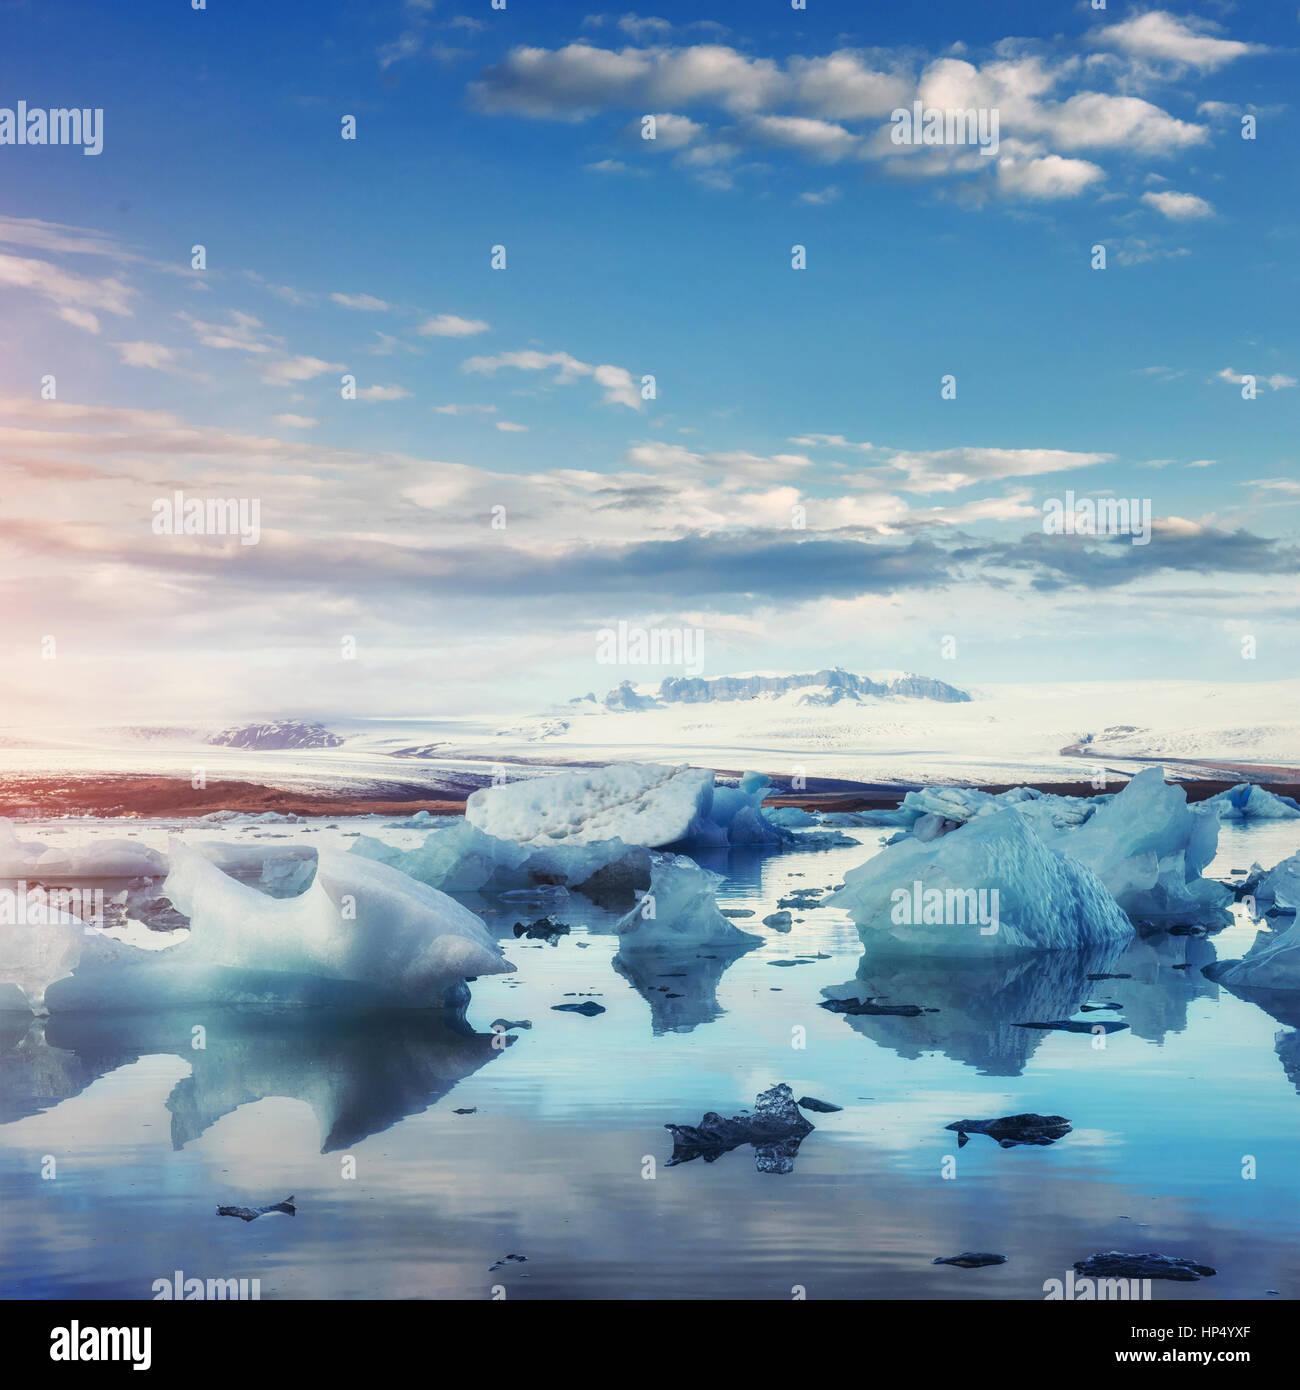 Glacier jökulsárlón lagoon, magnifique coucher de soleil sur la plage noire, Photo Stock